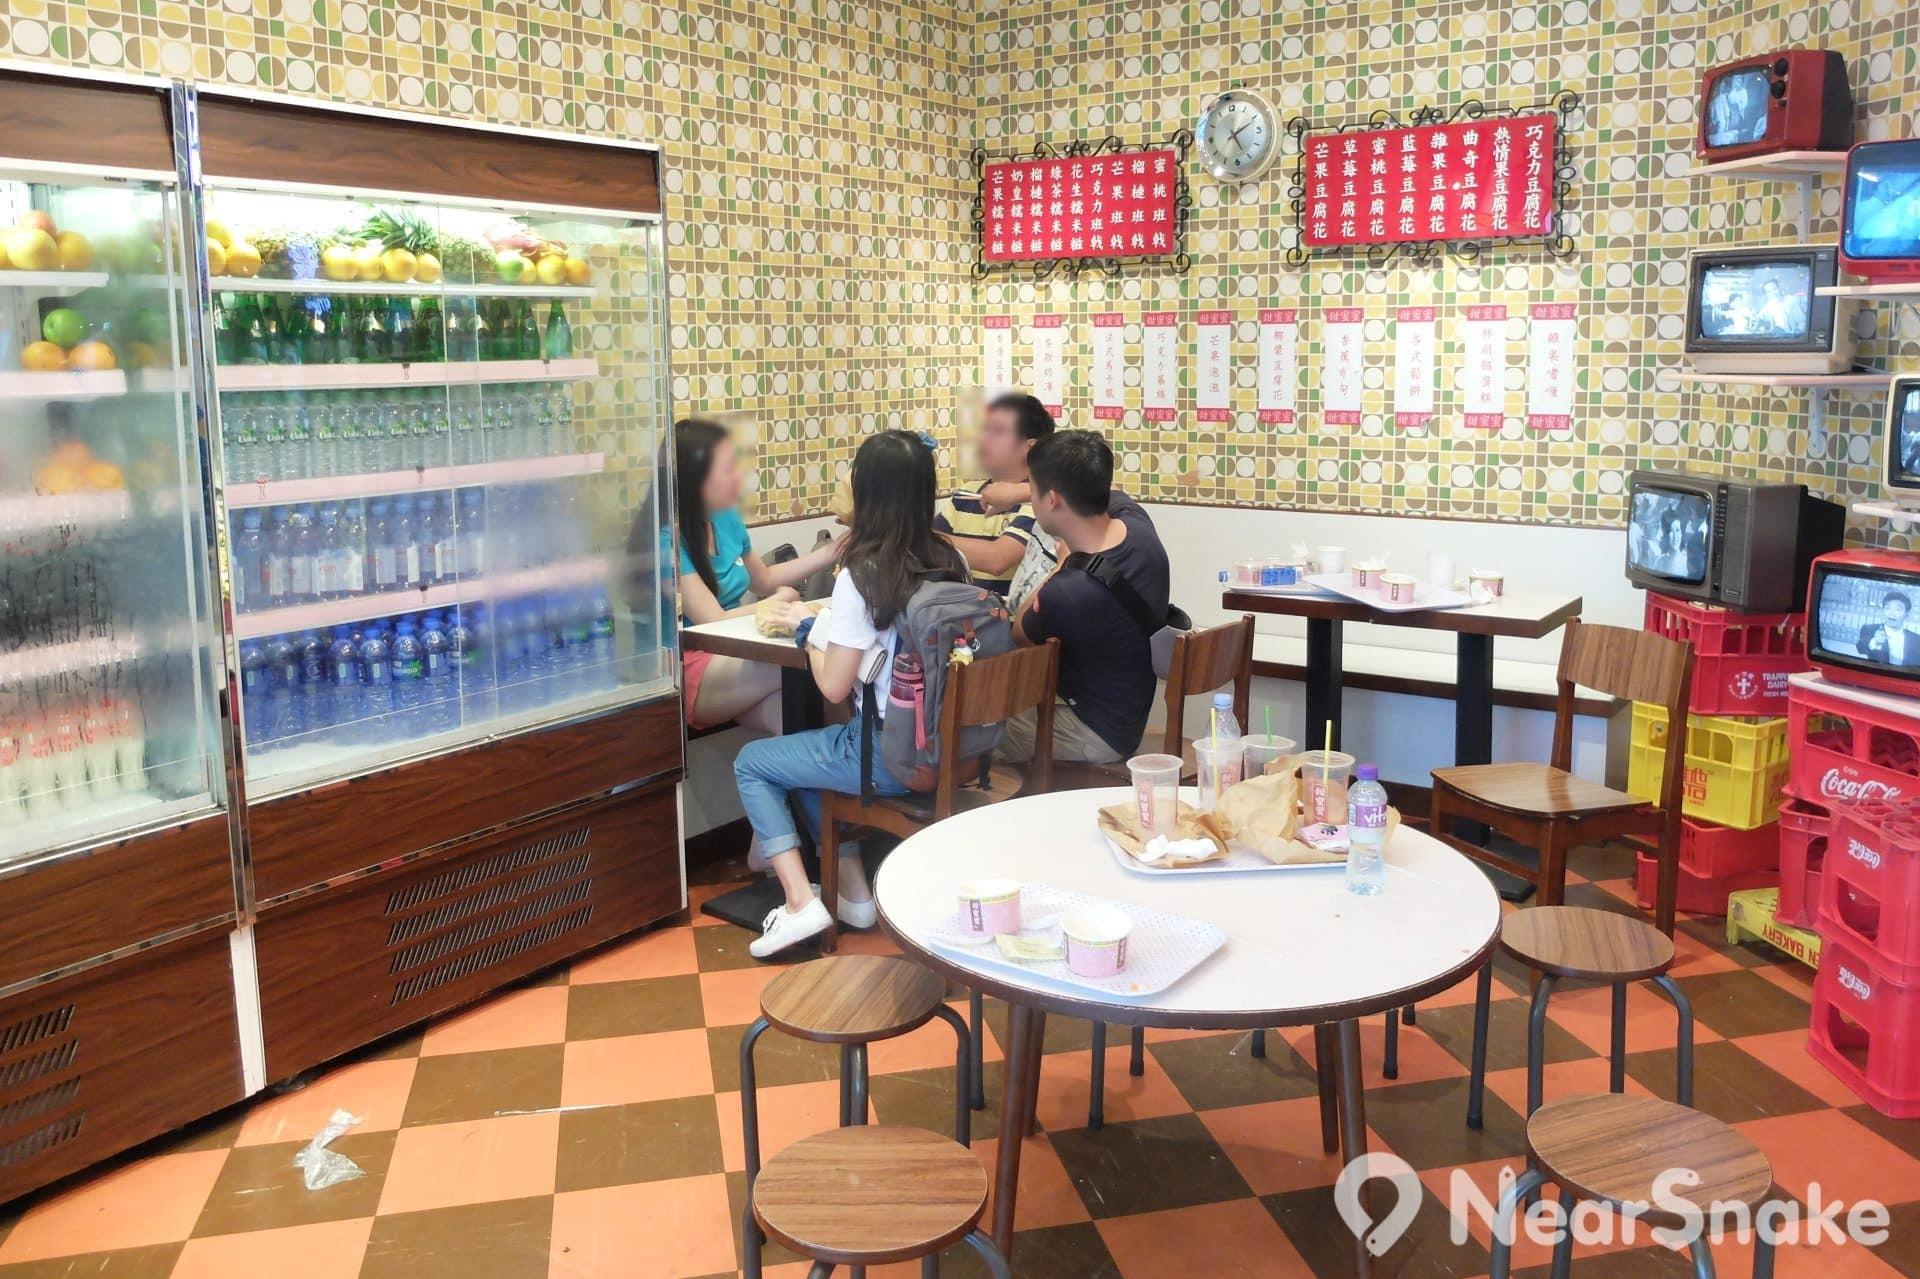 凌霄閣入口處是一間港式茶餐廳「甜蜜蜜」,內裡擺設以 60、 70 年代的冰室設計,甚具懷舊味道。